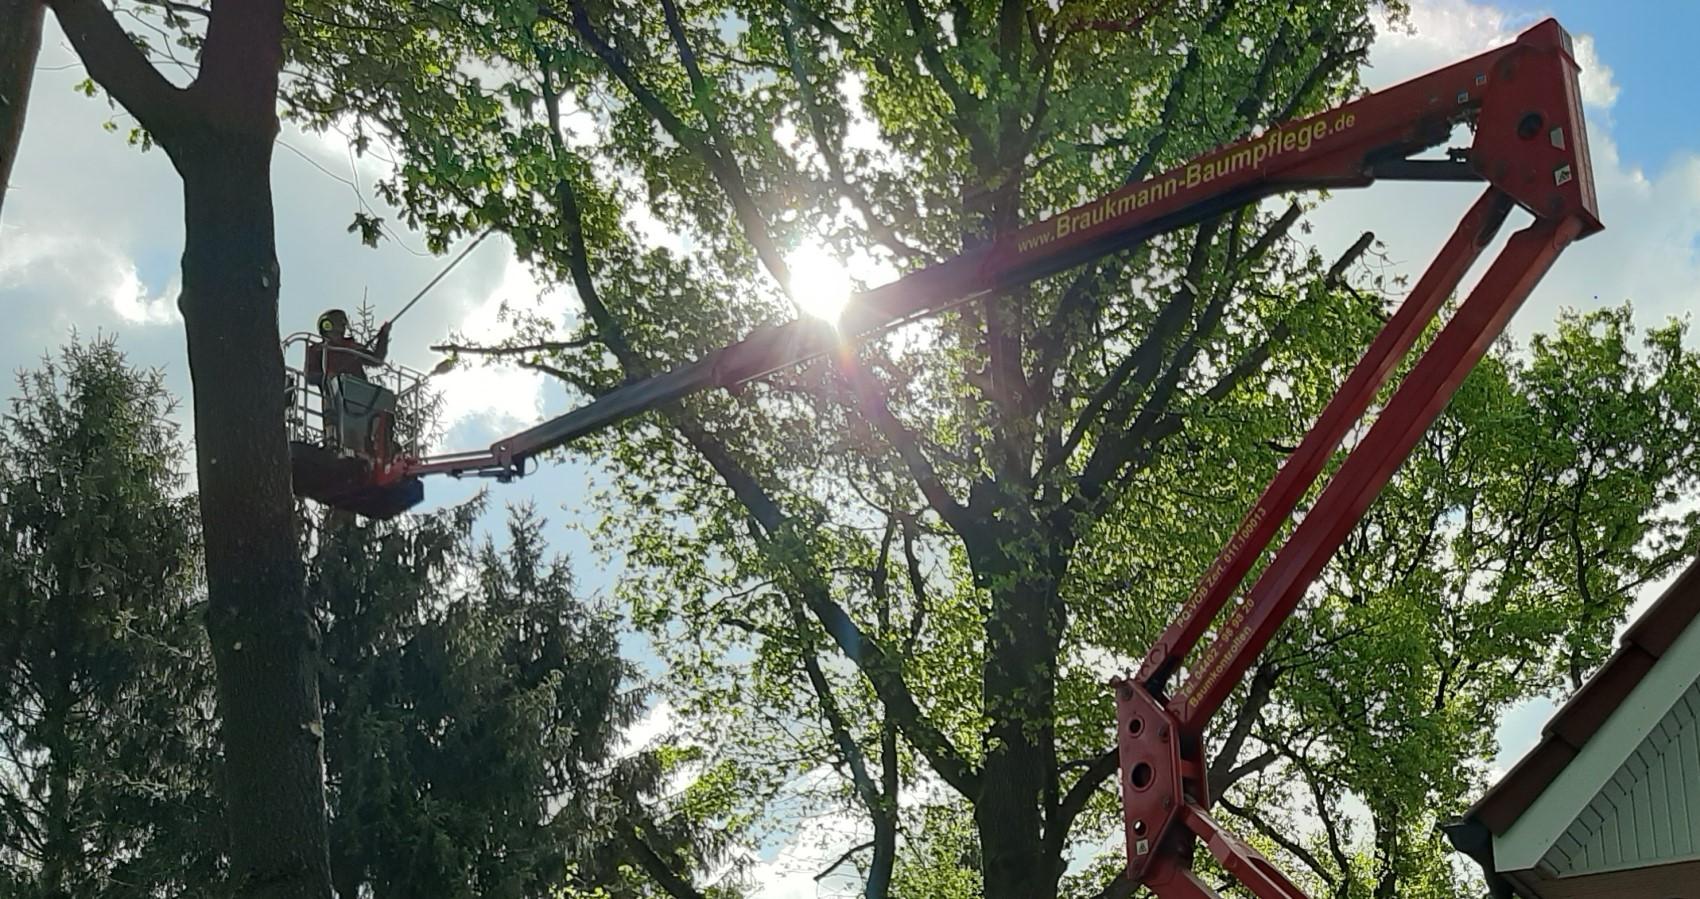 Baumpflege- Baumschnitt mit der Hubarbeitsbühne